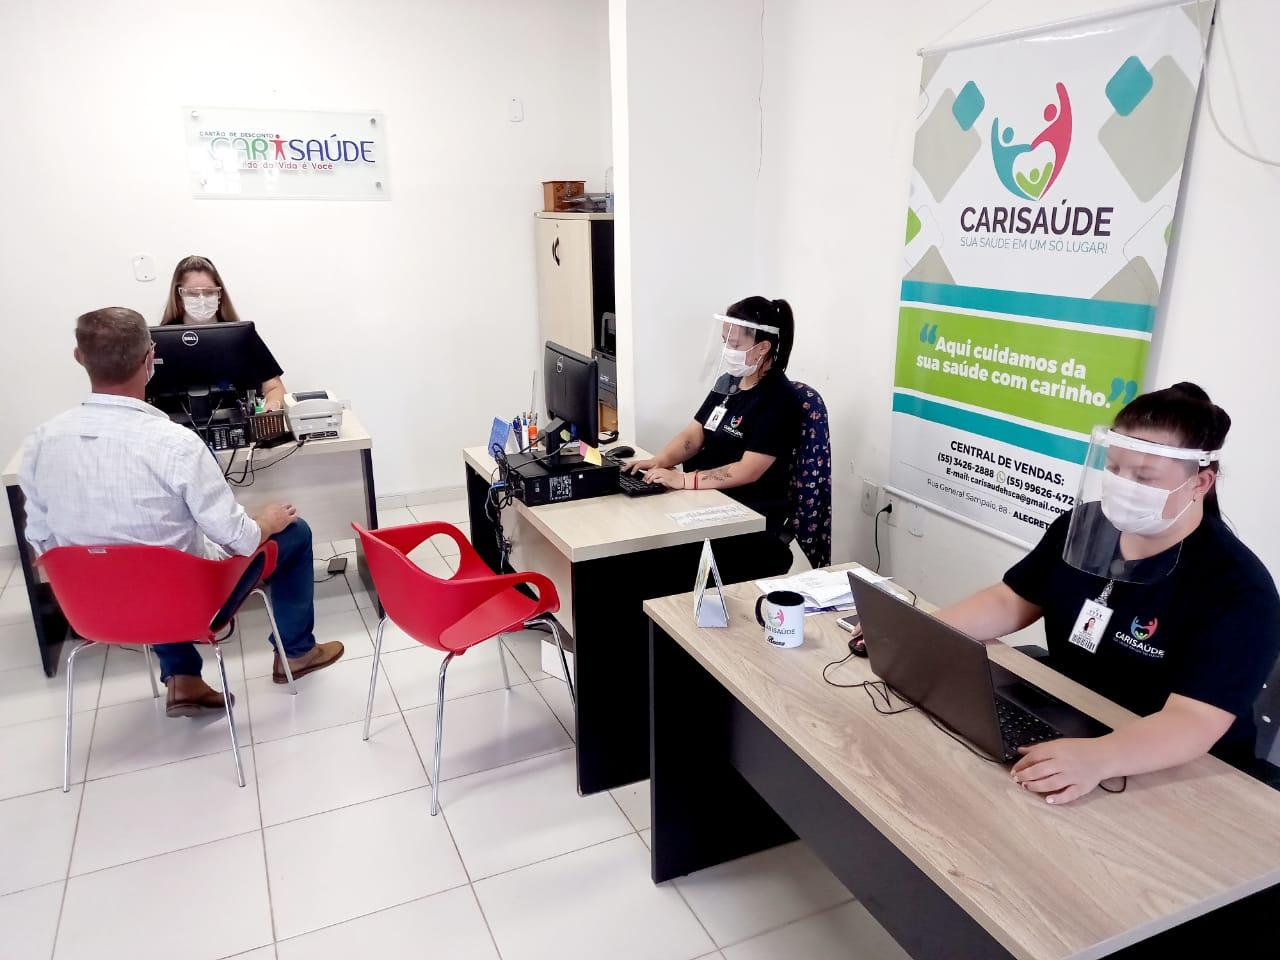 Consultório CariSaúde já está funcionando na Santa Casa com preços de consultas acessíveis